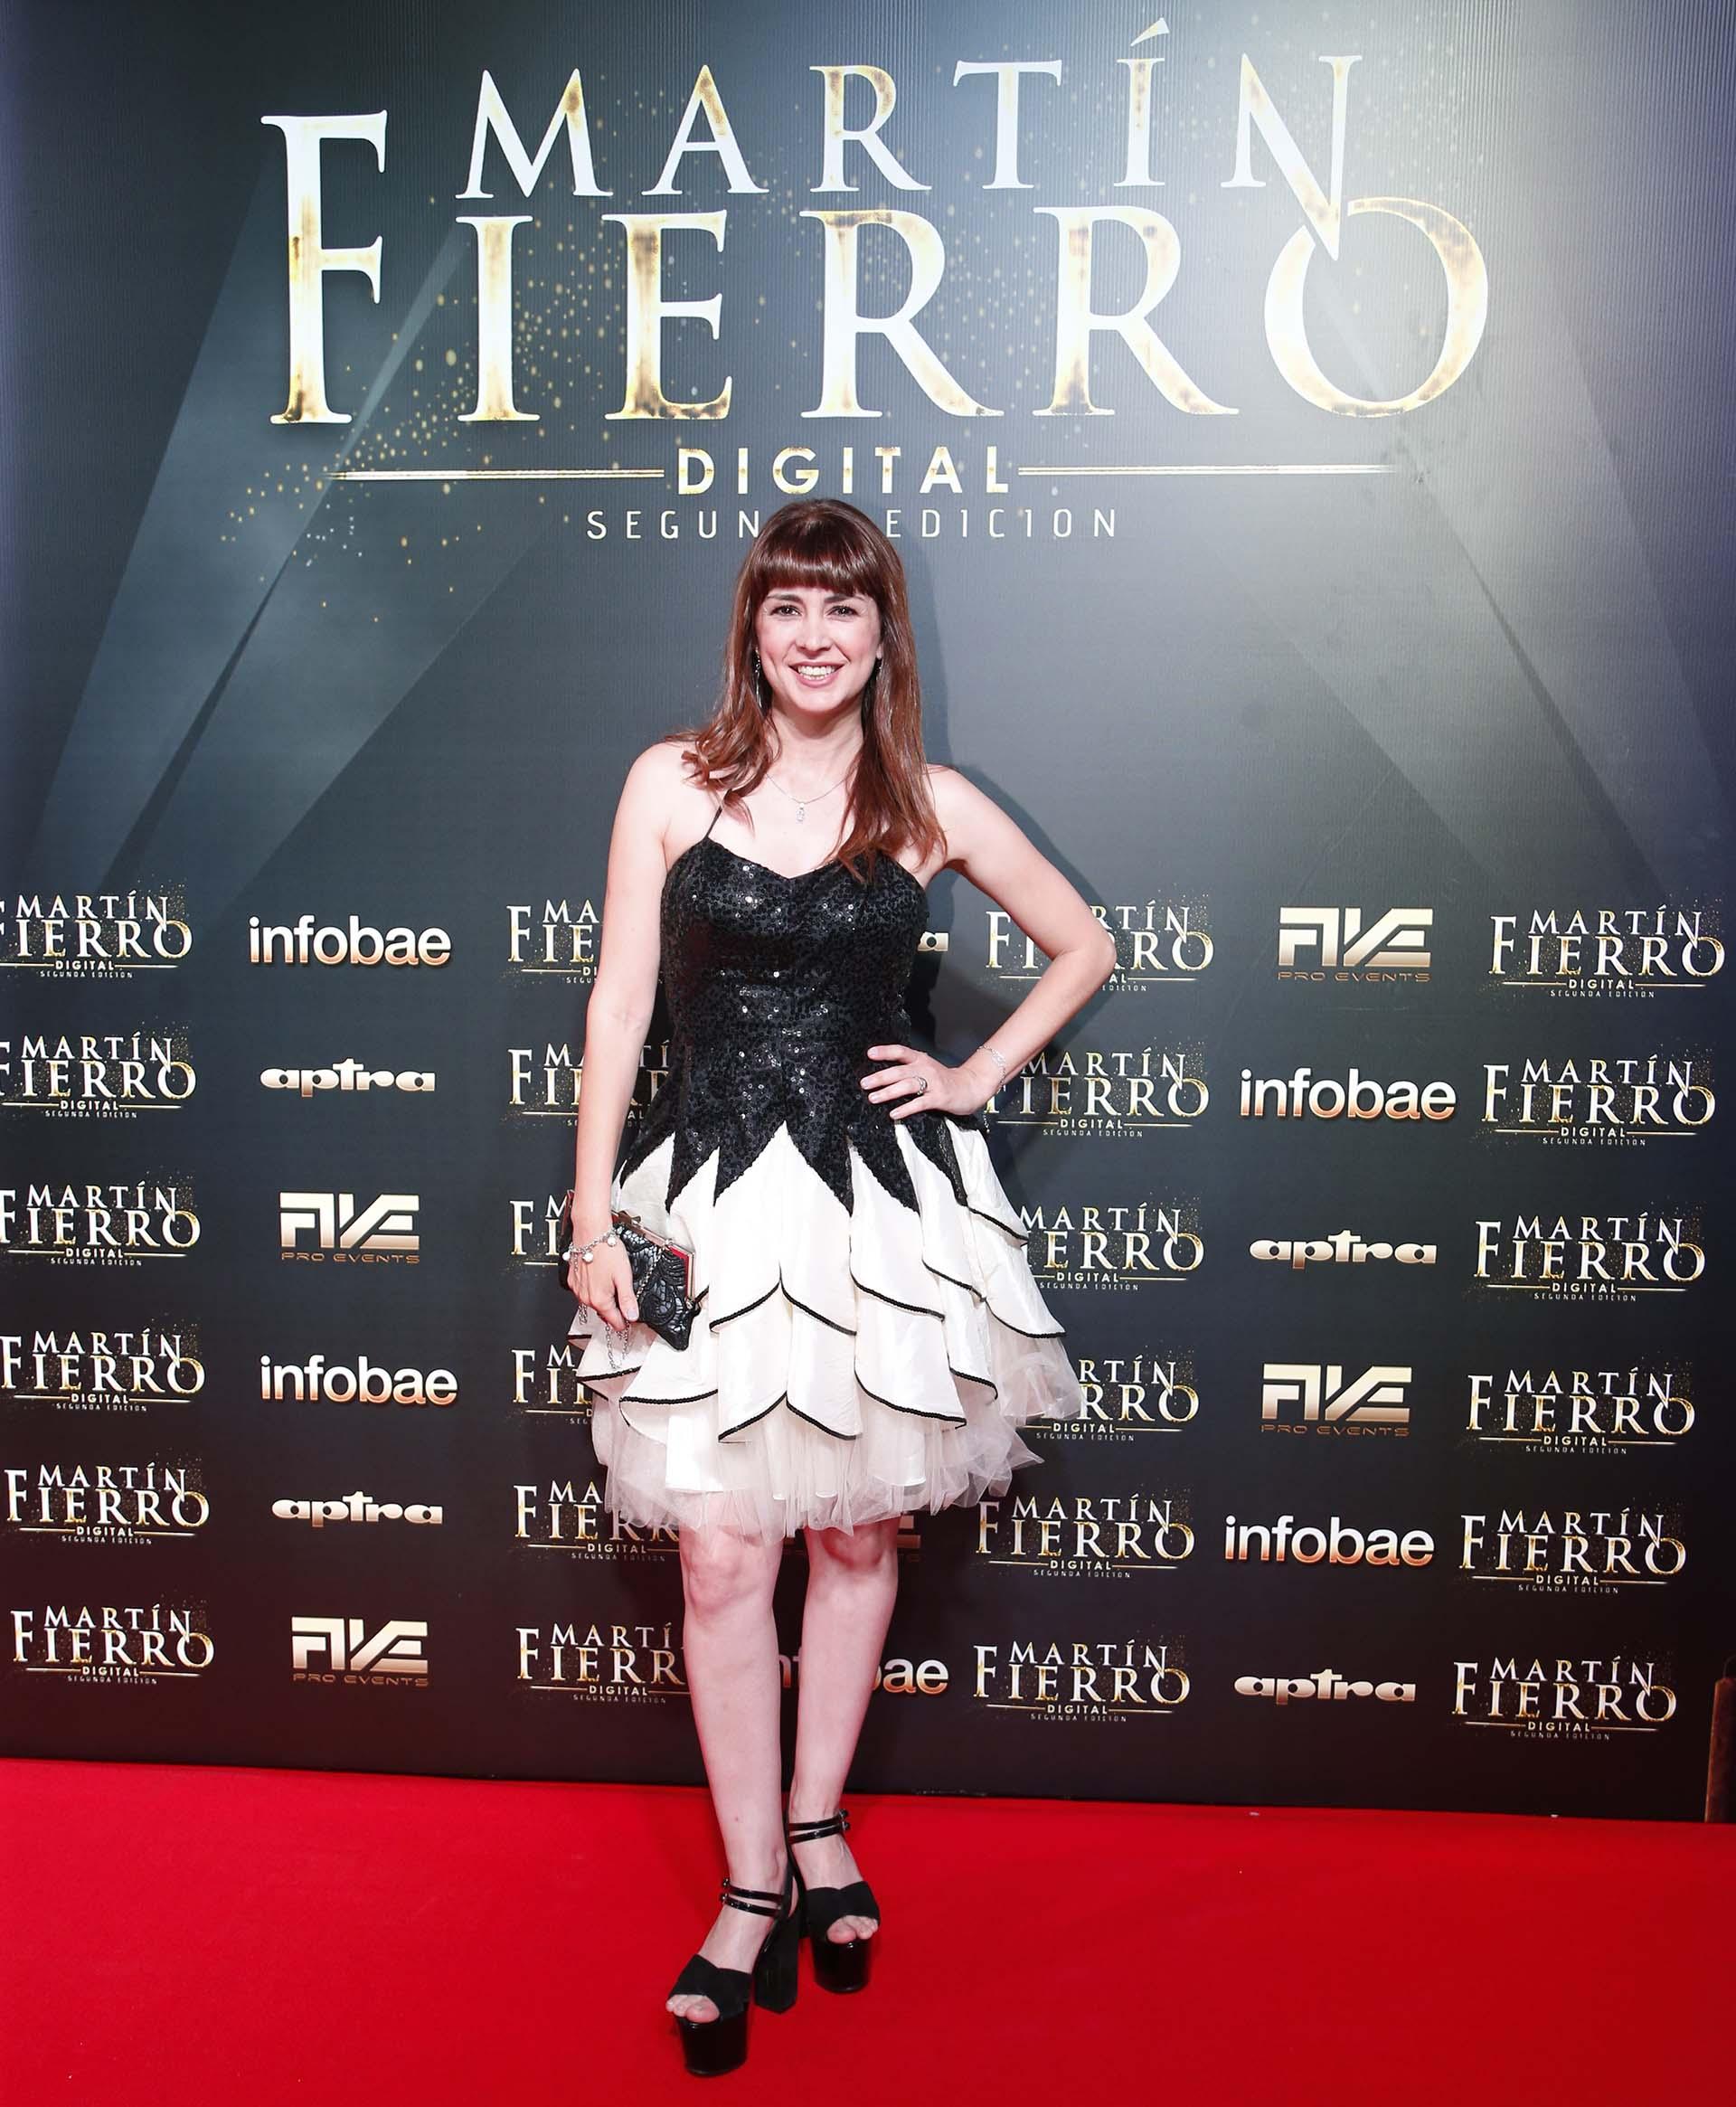 """Silvina Fuentes lució un vestido blanco y negro con detalles de tul al estilo """"black swan"""". Completó el look con plataformas a tono"""